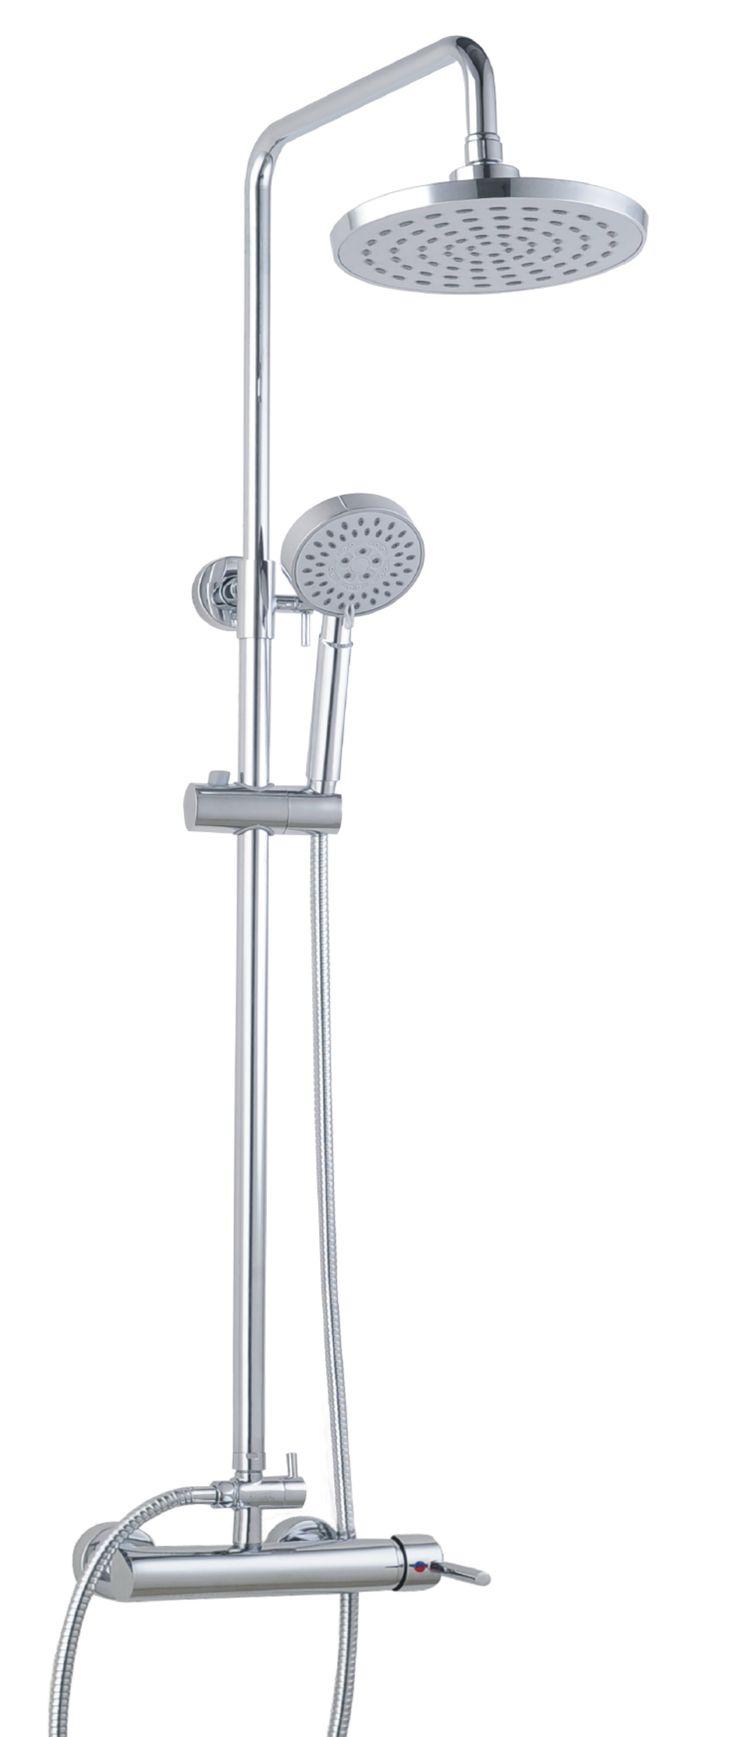 Aki bricolaje jardiner a y decoraci n combinado de ducha for Monomando para ducha